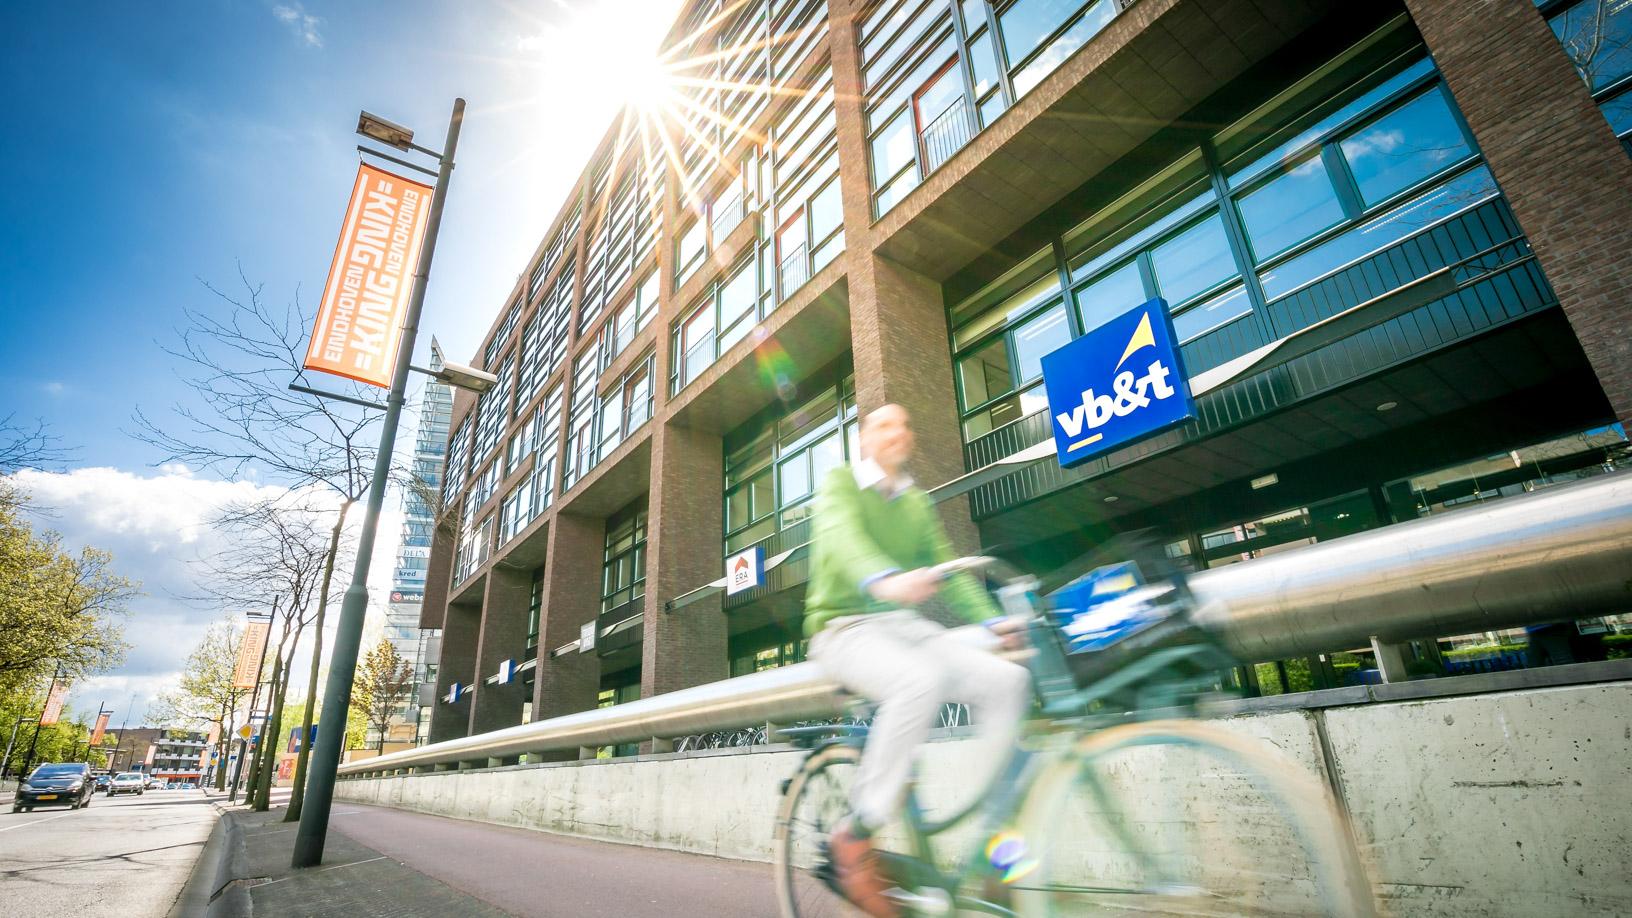 Portfolio-Marketing-Lynx-Ektor-Tsolodimos-Bedrijfsfotografie-Eindhoven-14